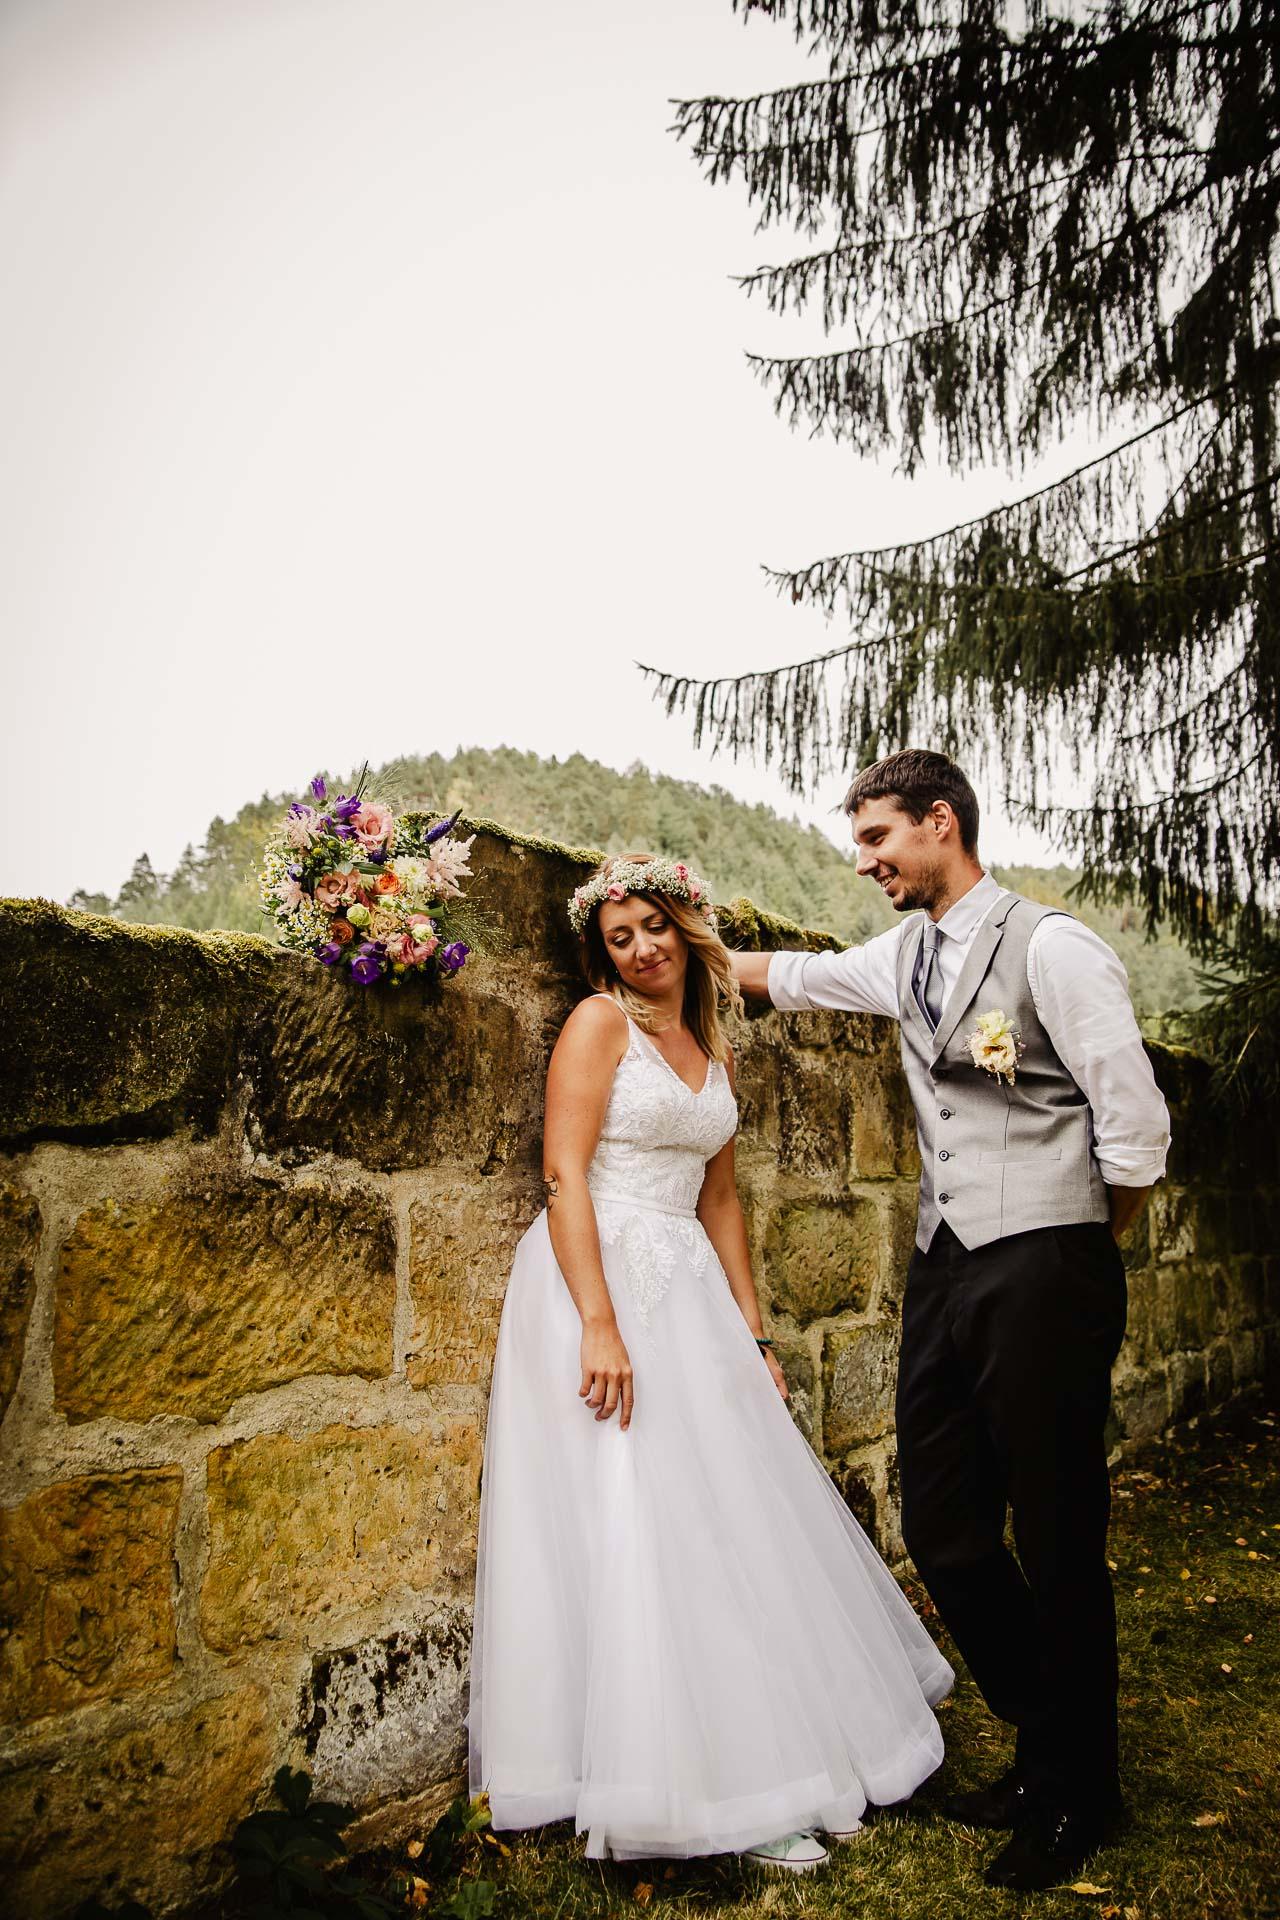 svatba v boho stylu, rustikální svatba, přírodní letní svatba Kokořínsko-205